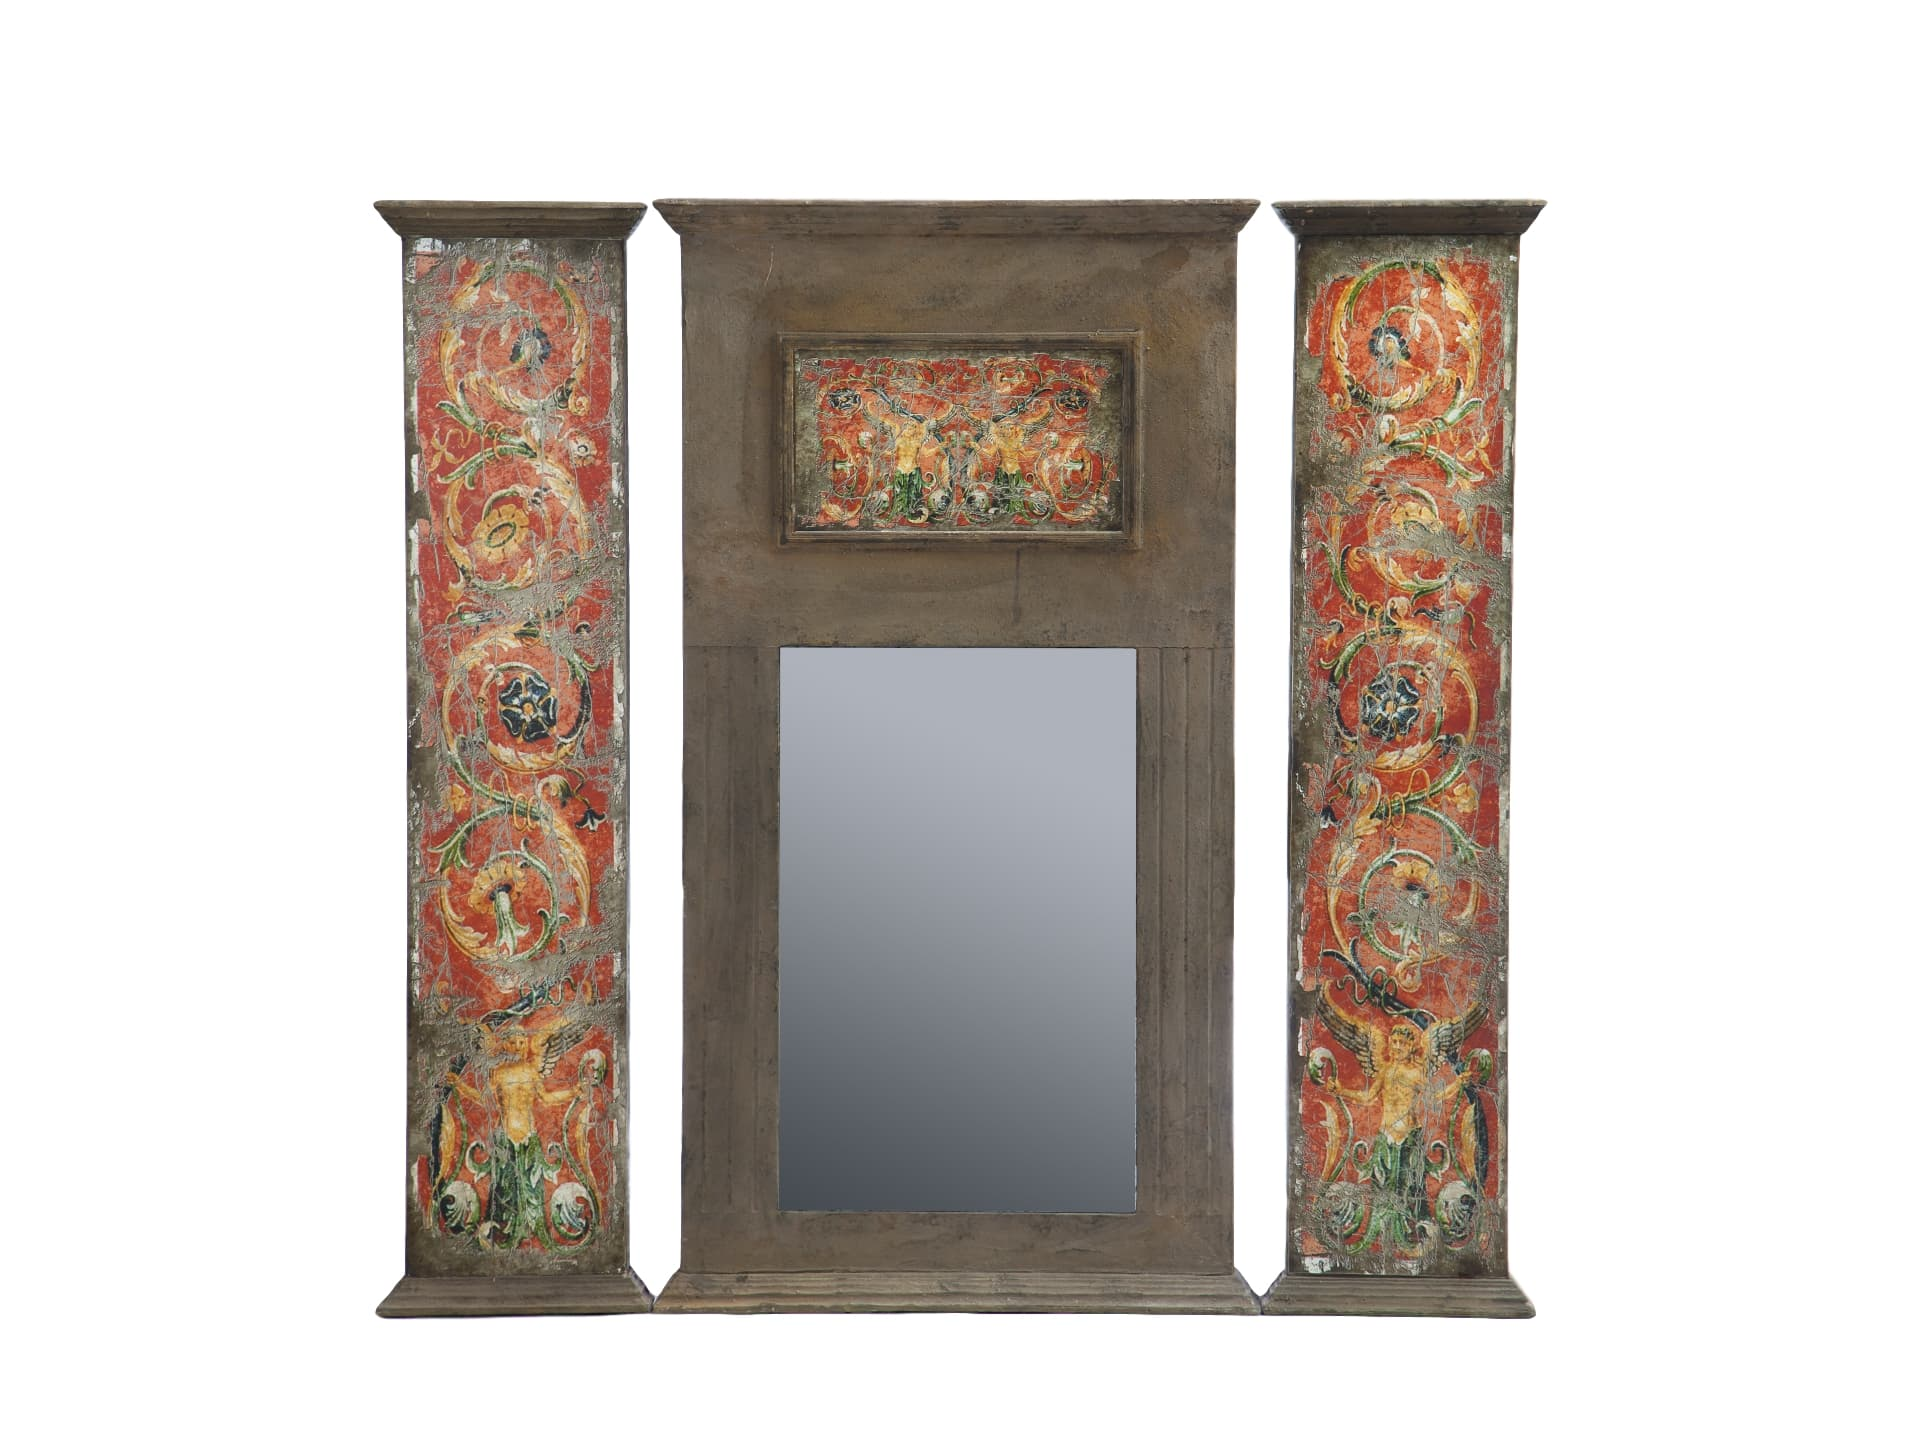 Зеркало из трех частейНастенные зеркала<br>Зеркало из трех частей, рама декорирована рисунком и старением.<br><br>Material: МДФ<br>Ширина см: 150<br>Высота см: 155